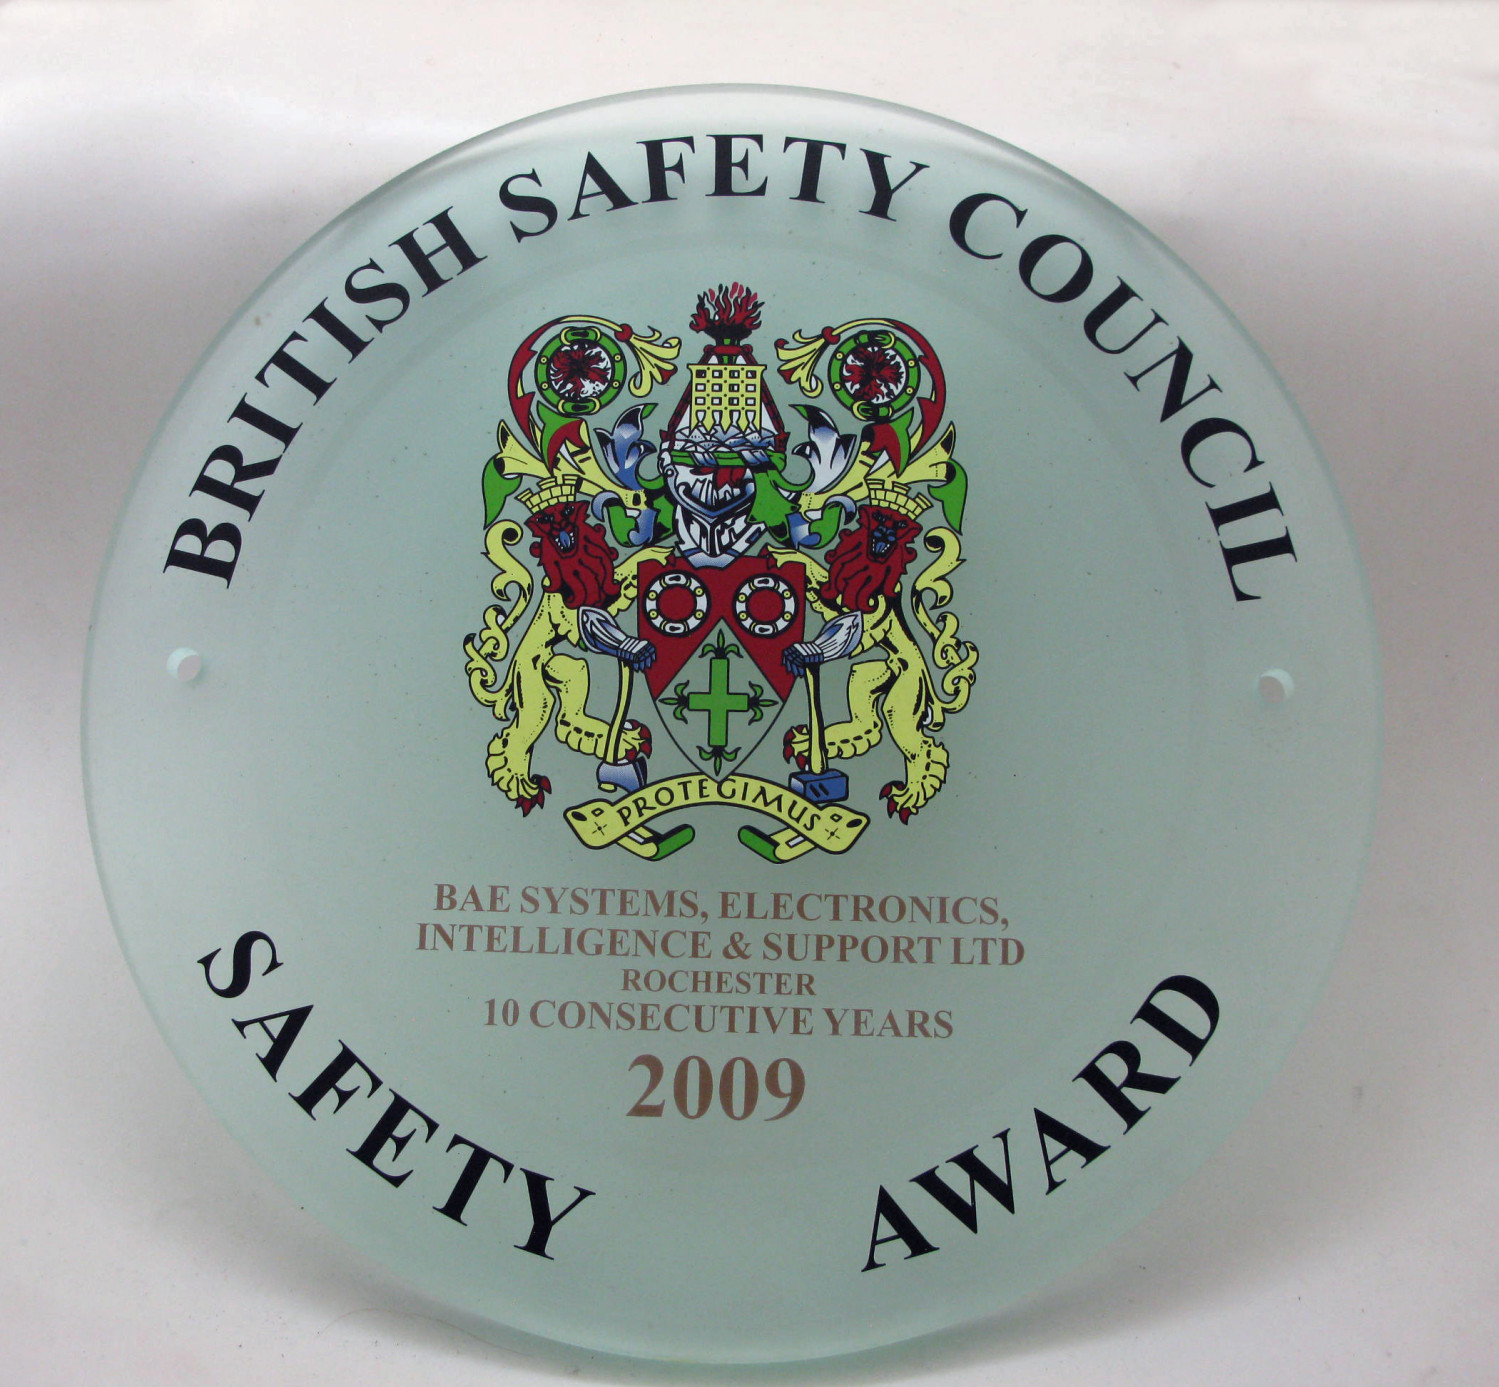 Safety Award 2009